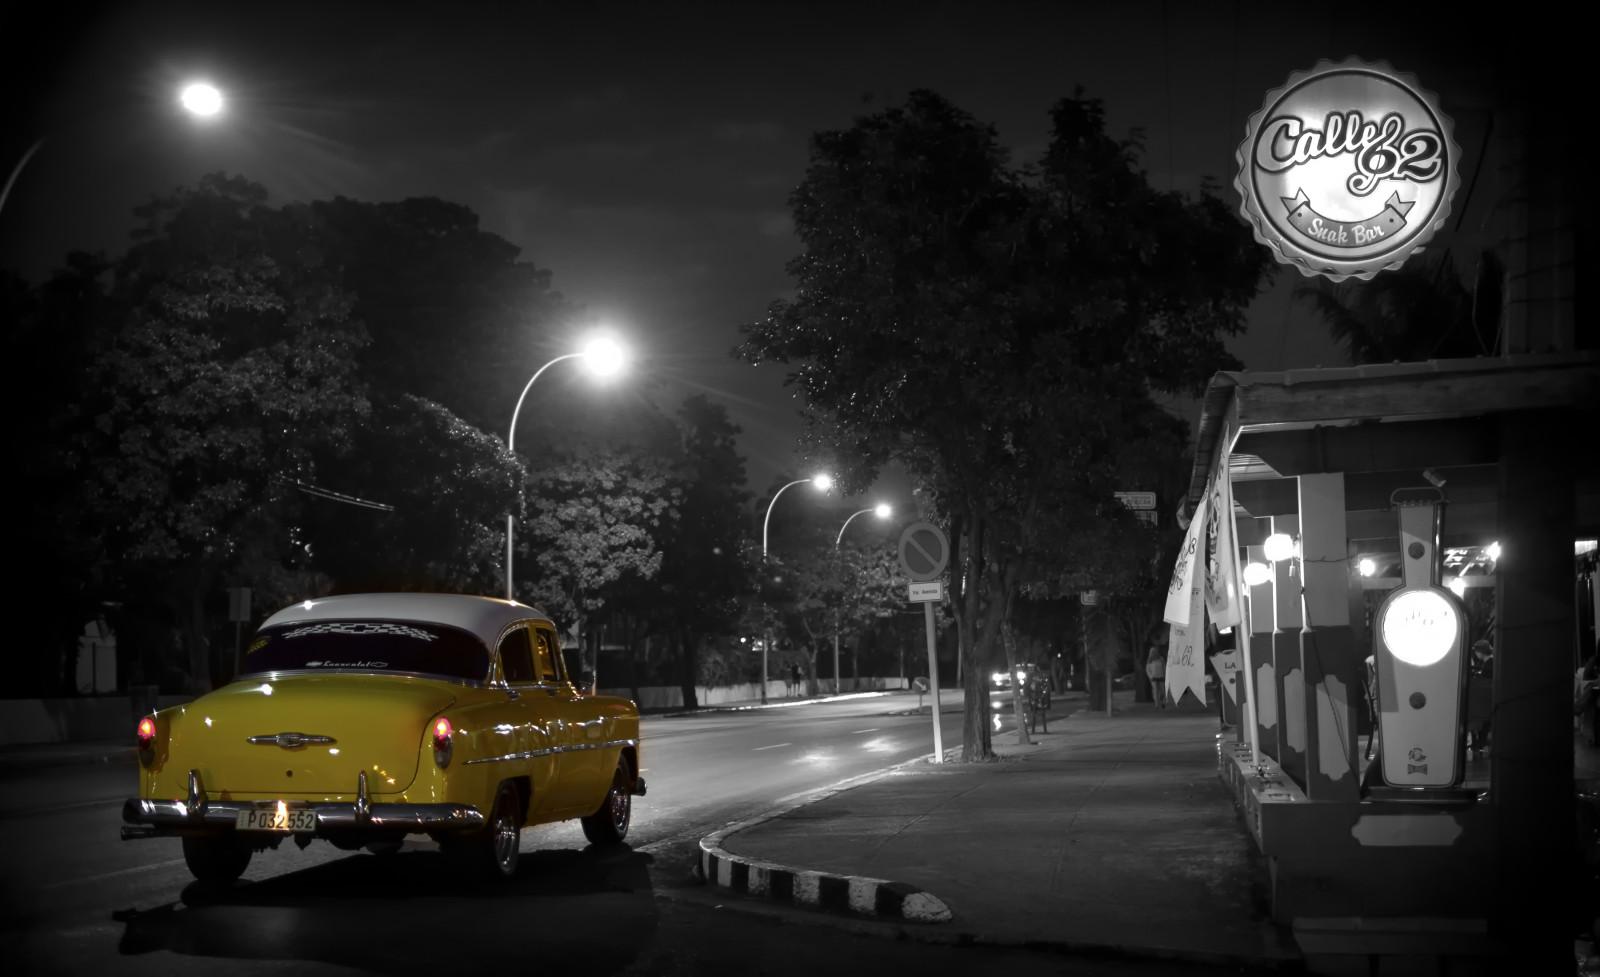 fond d 39 cran clairage public monochrome rue nuit ciel la photographie jaune soir. Black Bedroom Furniture Sets. Home Design Ideas